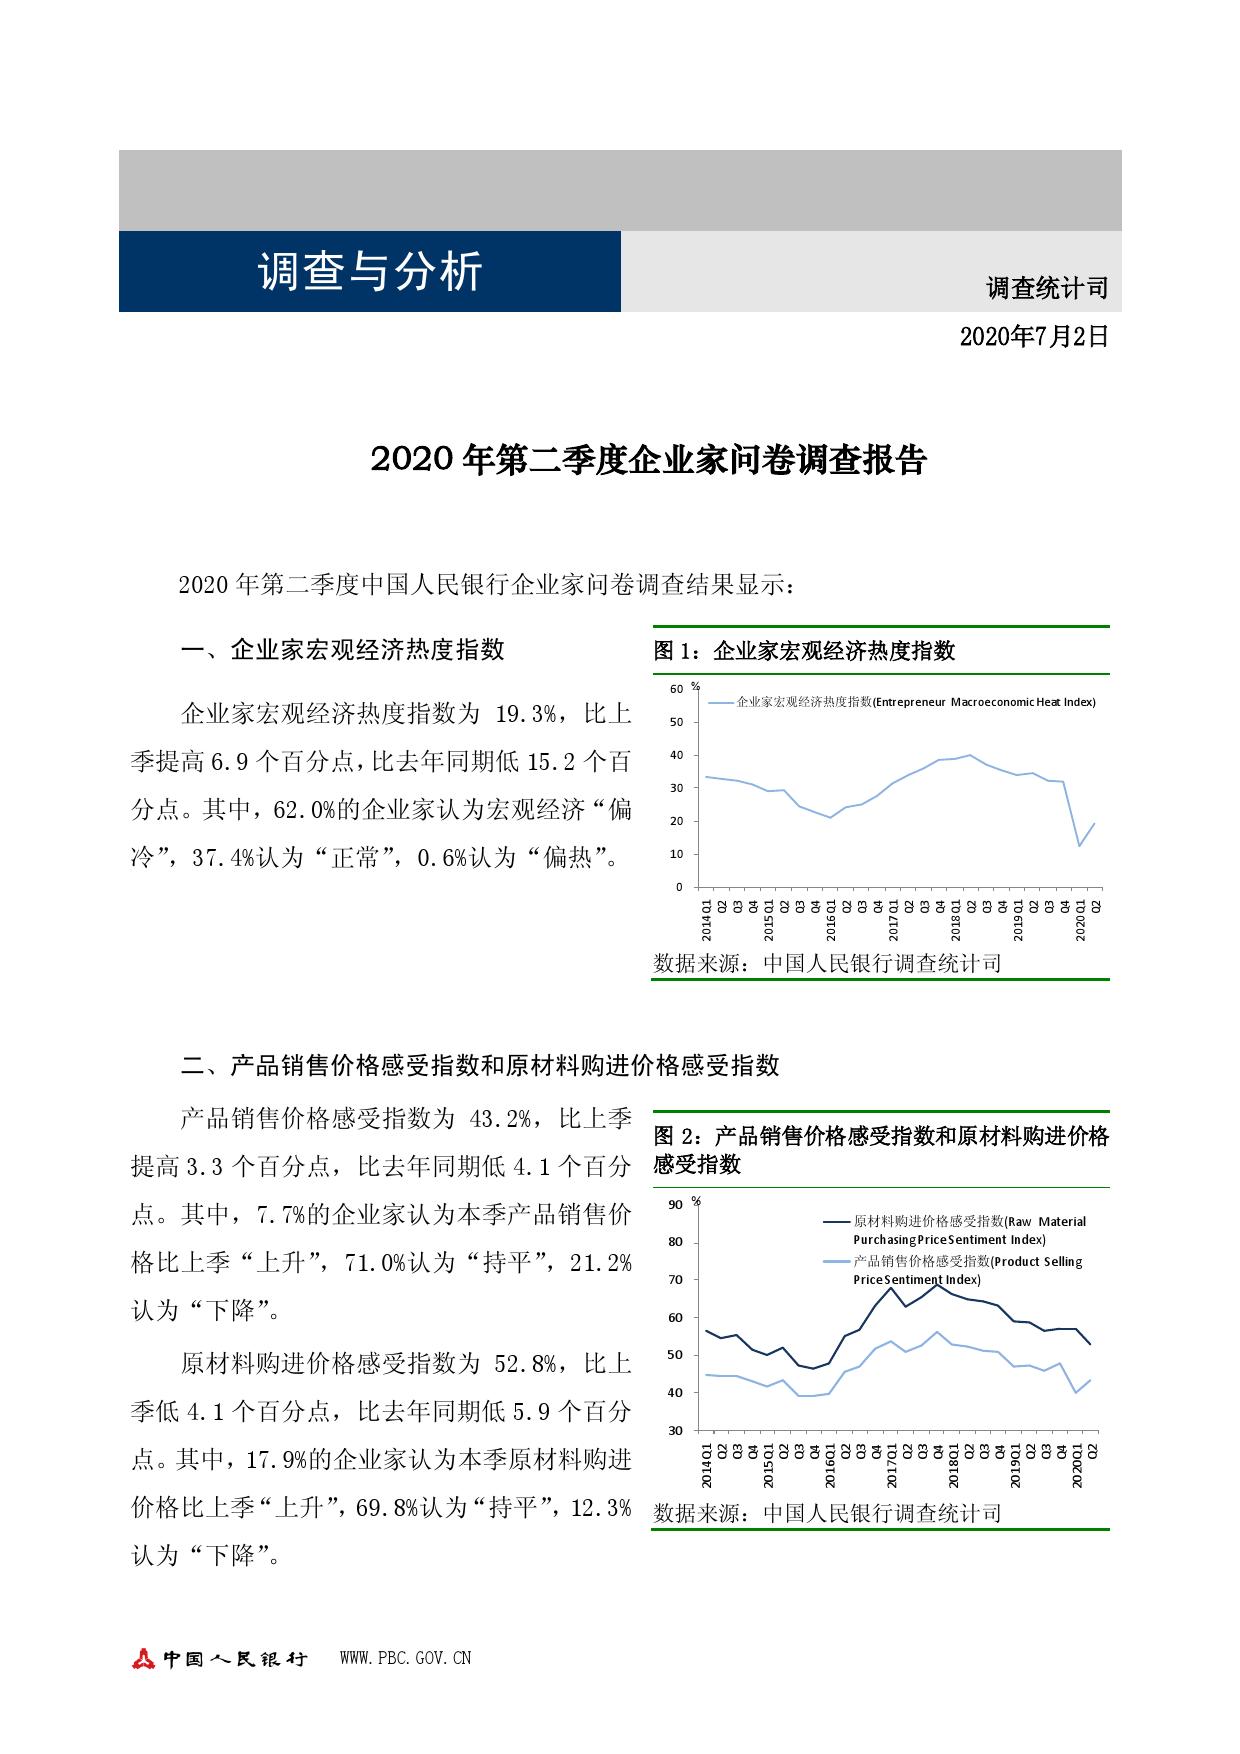 中国人民银行:2020 年第二季度企业家问卷调查报告(附下载)